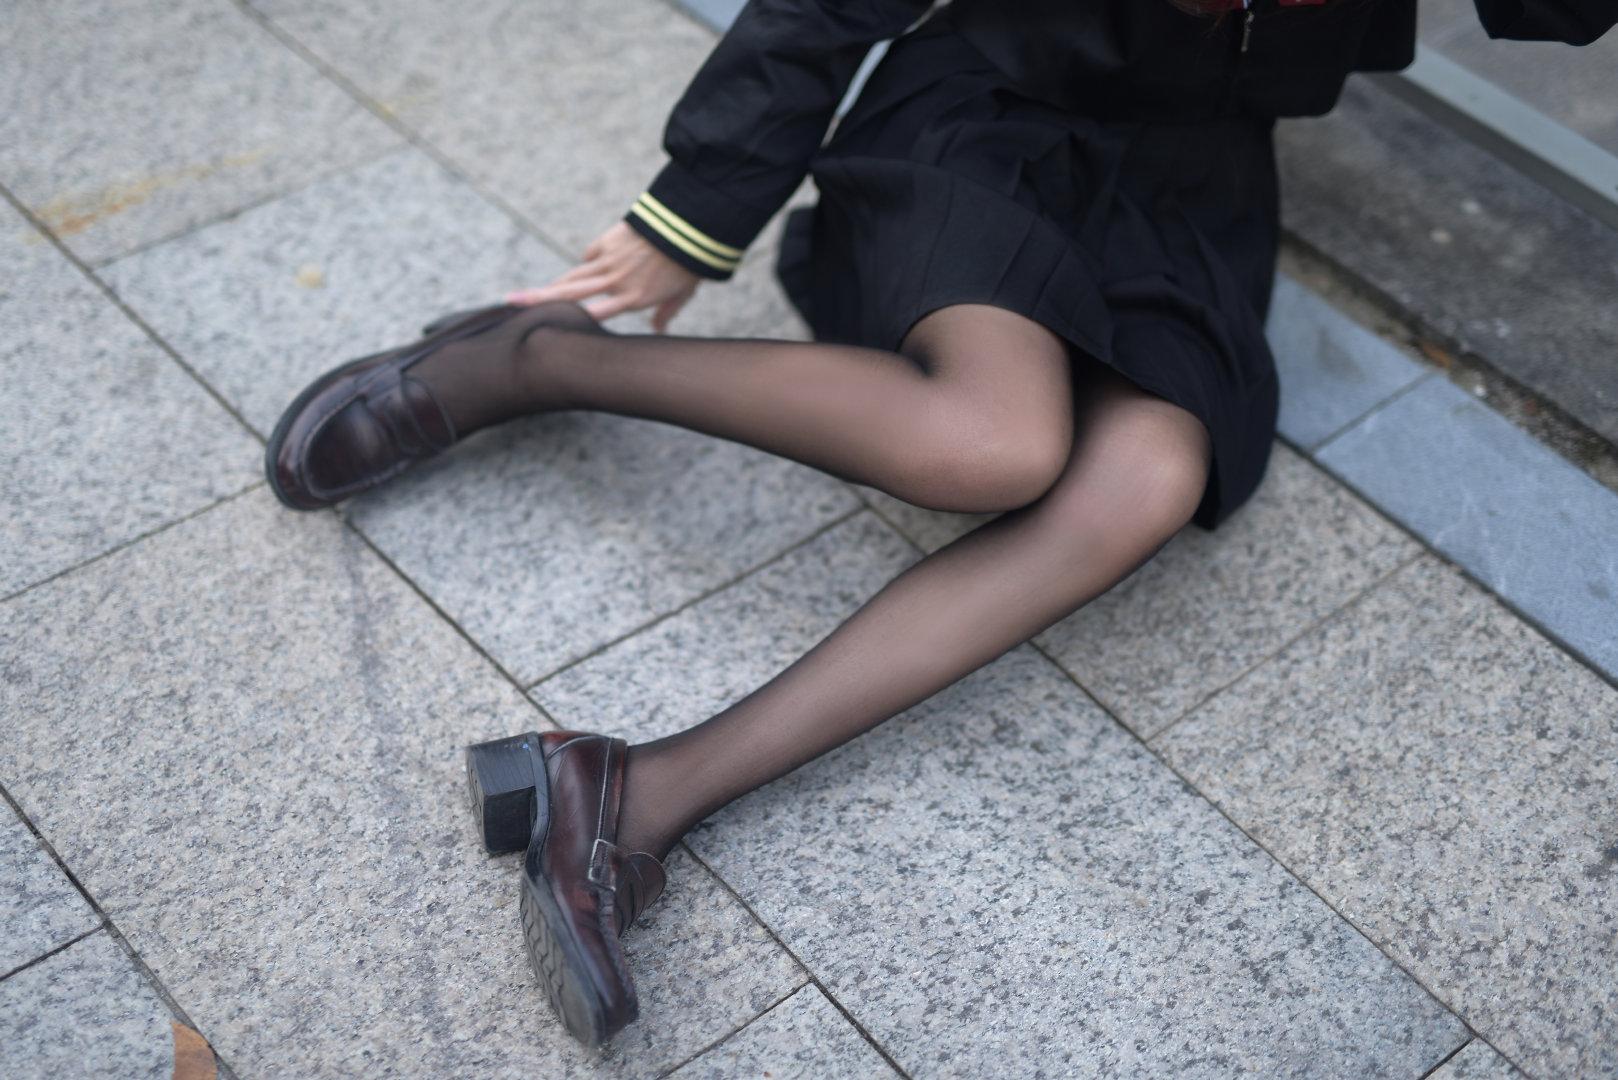 A3爷的黑丝美腿,你们注意身体 (9P)